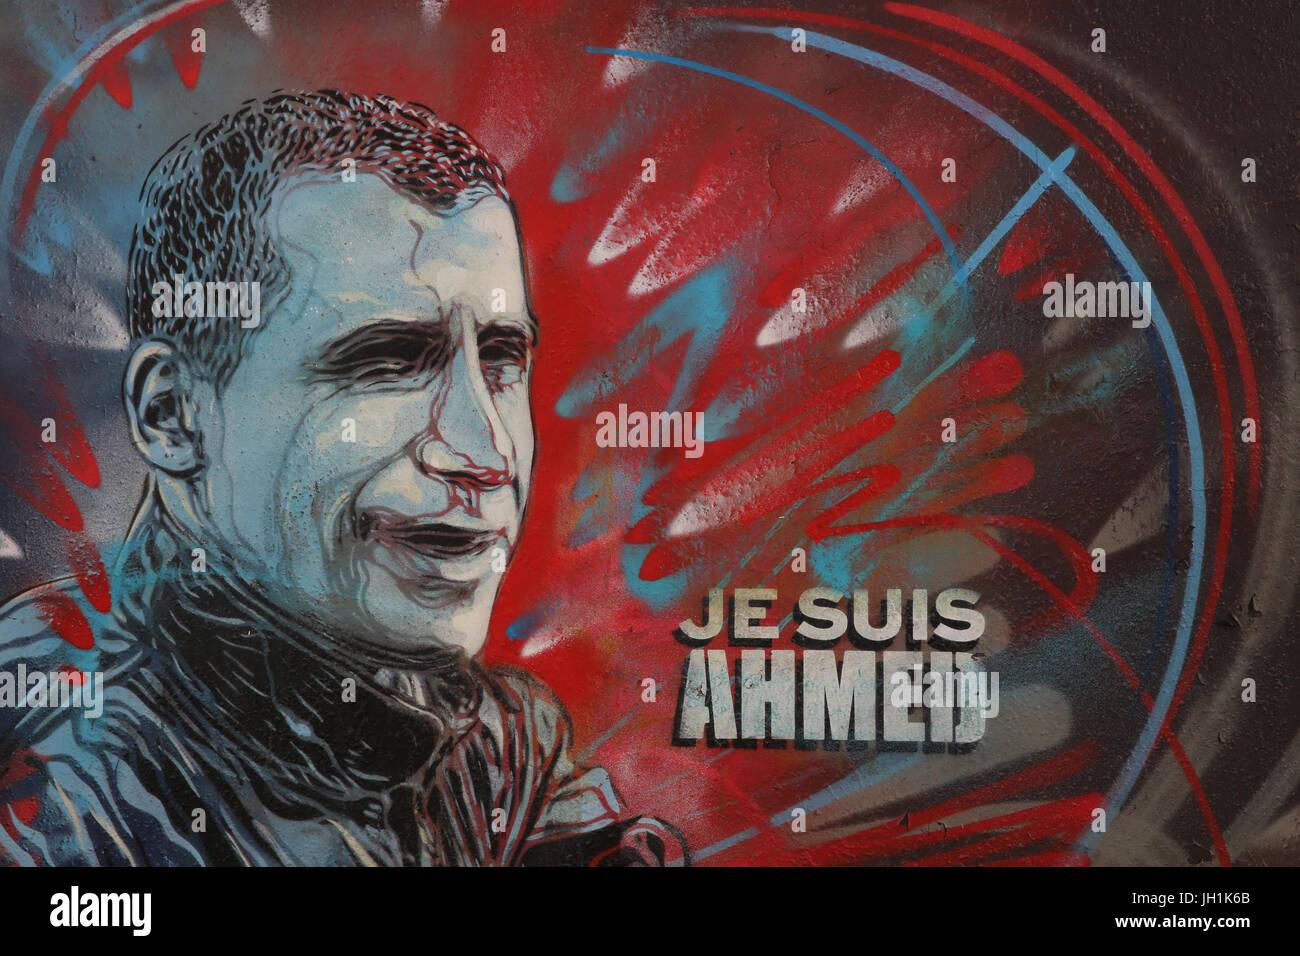 Hommage an der Polizist, der bei Charlie Hebdo Tötungen erschossen wurde. Frankreich. Stockbild